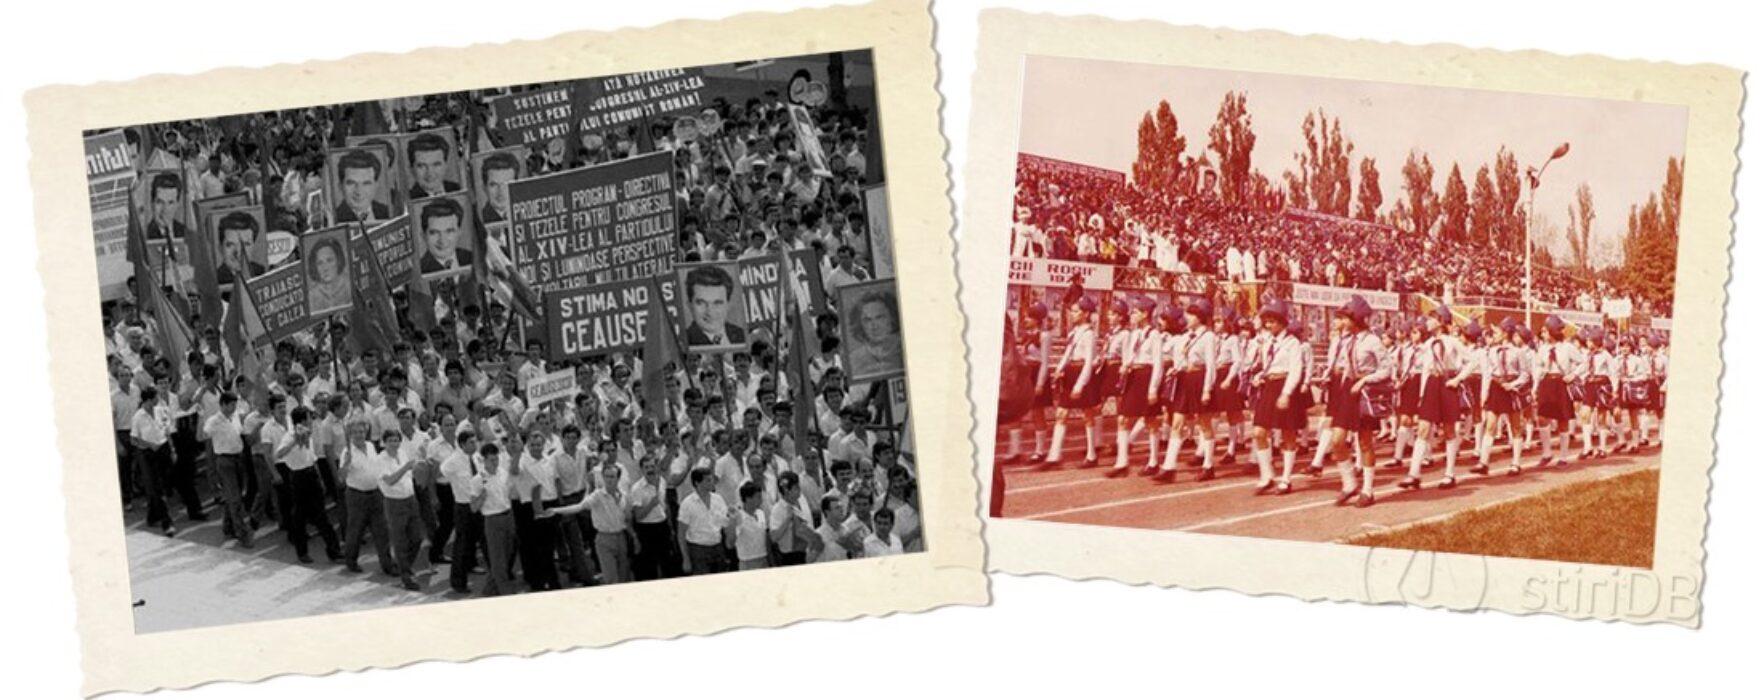 Cum se sărbătorea 23 august la Târgovişte înainte de 1989 (foto)